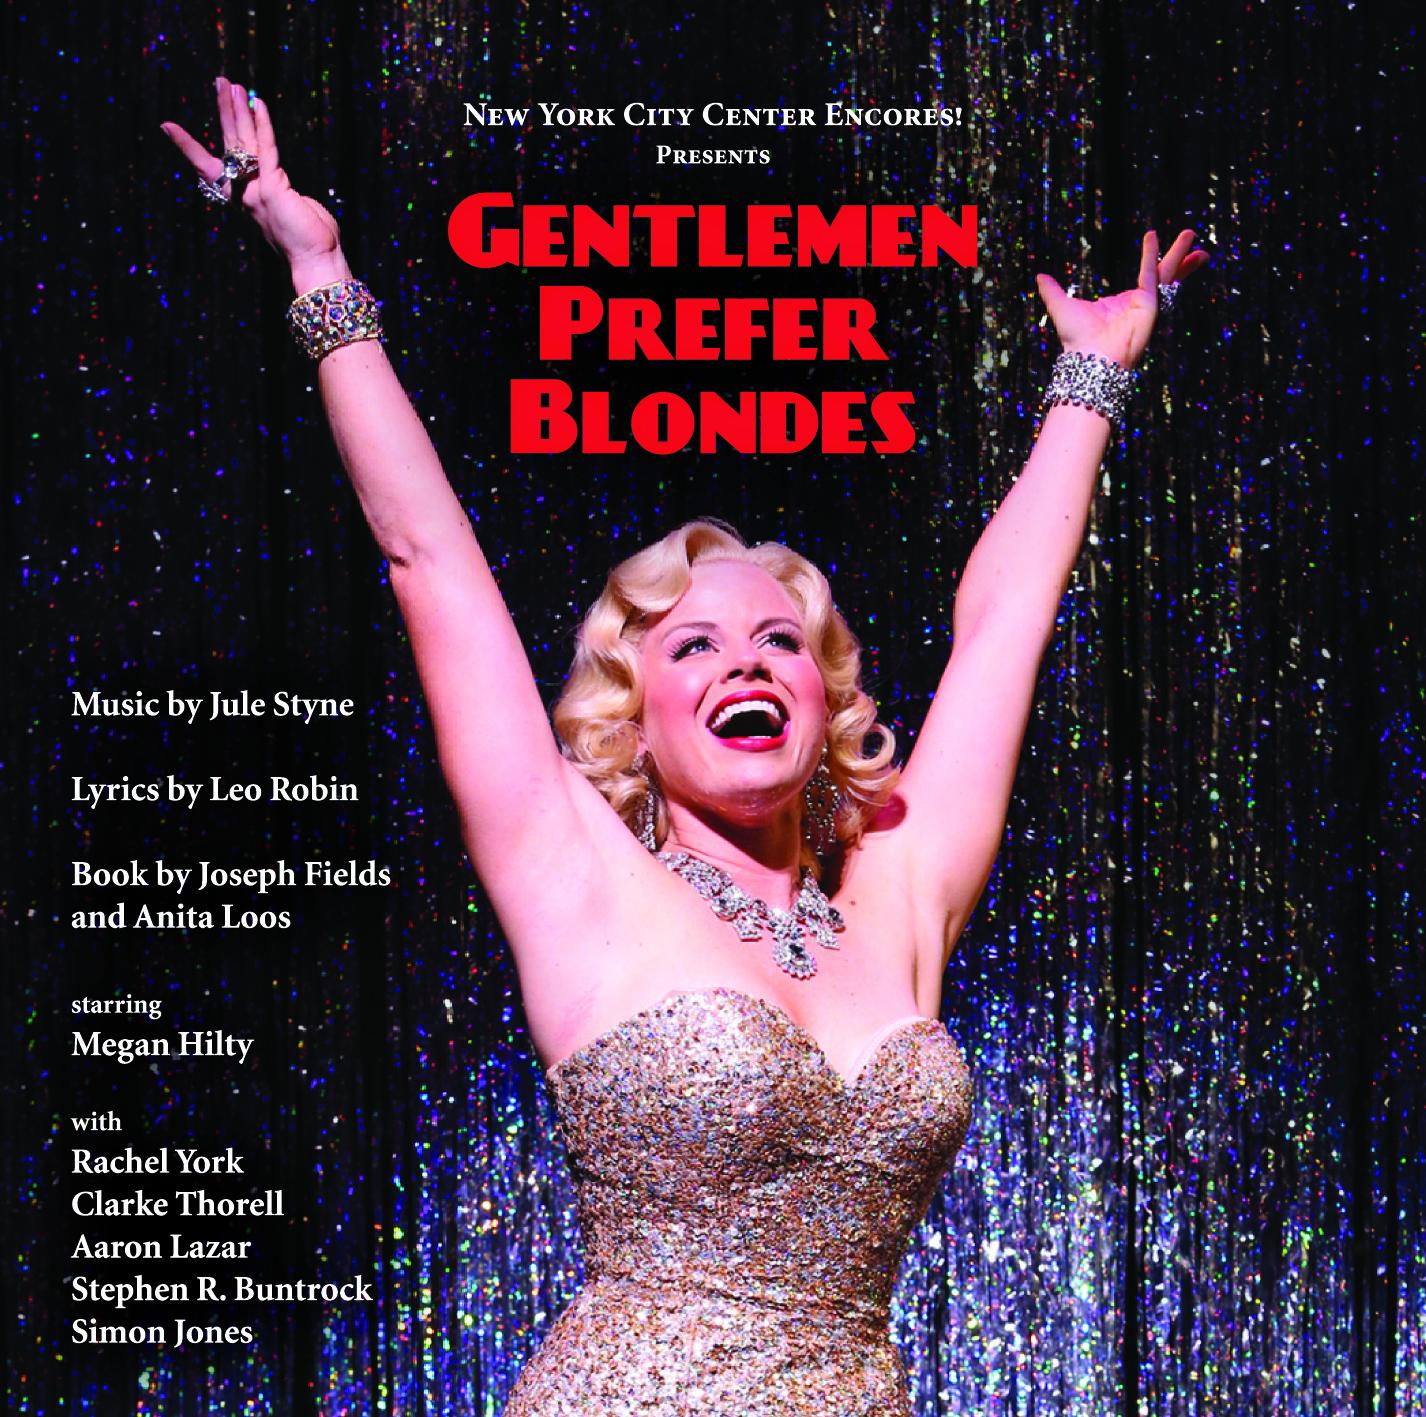 Gentlemen Prefer Blondes: Encores! Cast Recording 2012